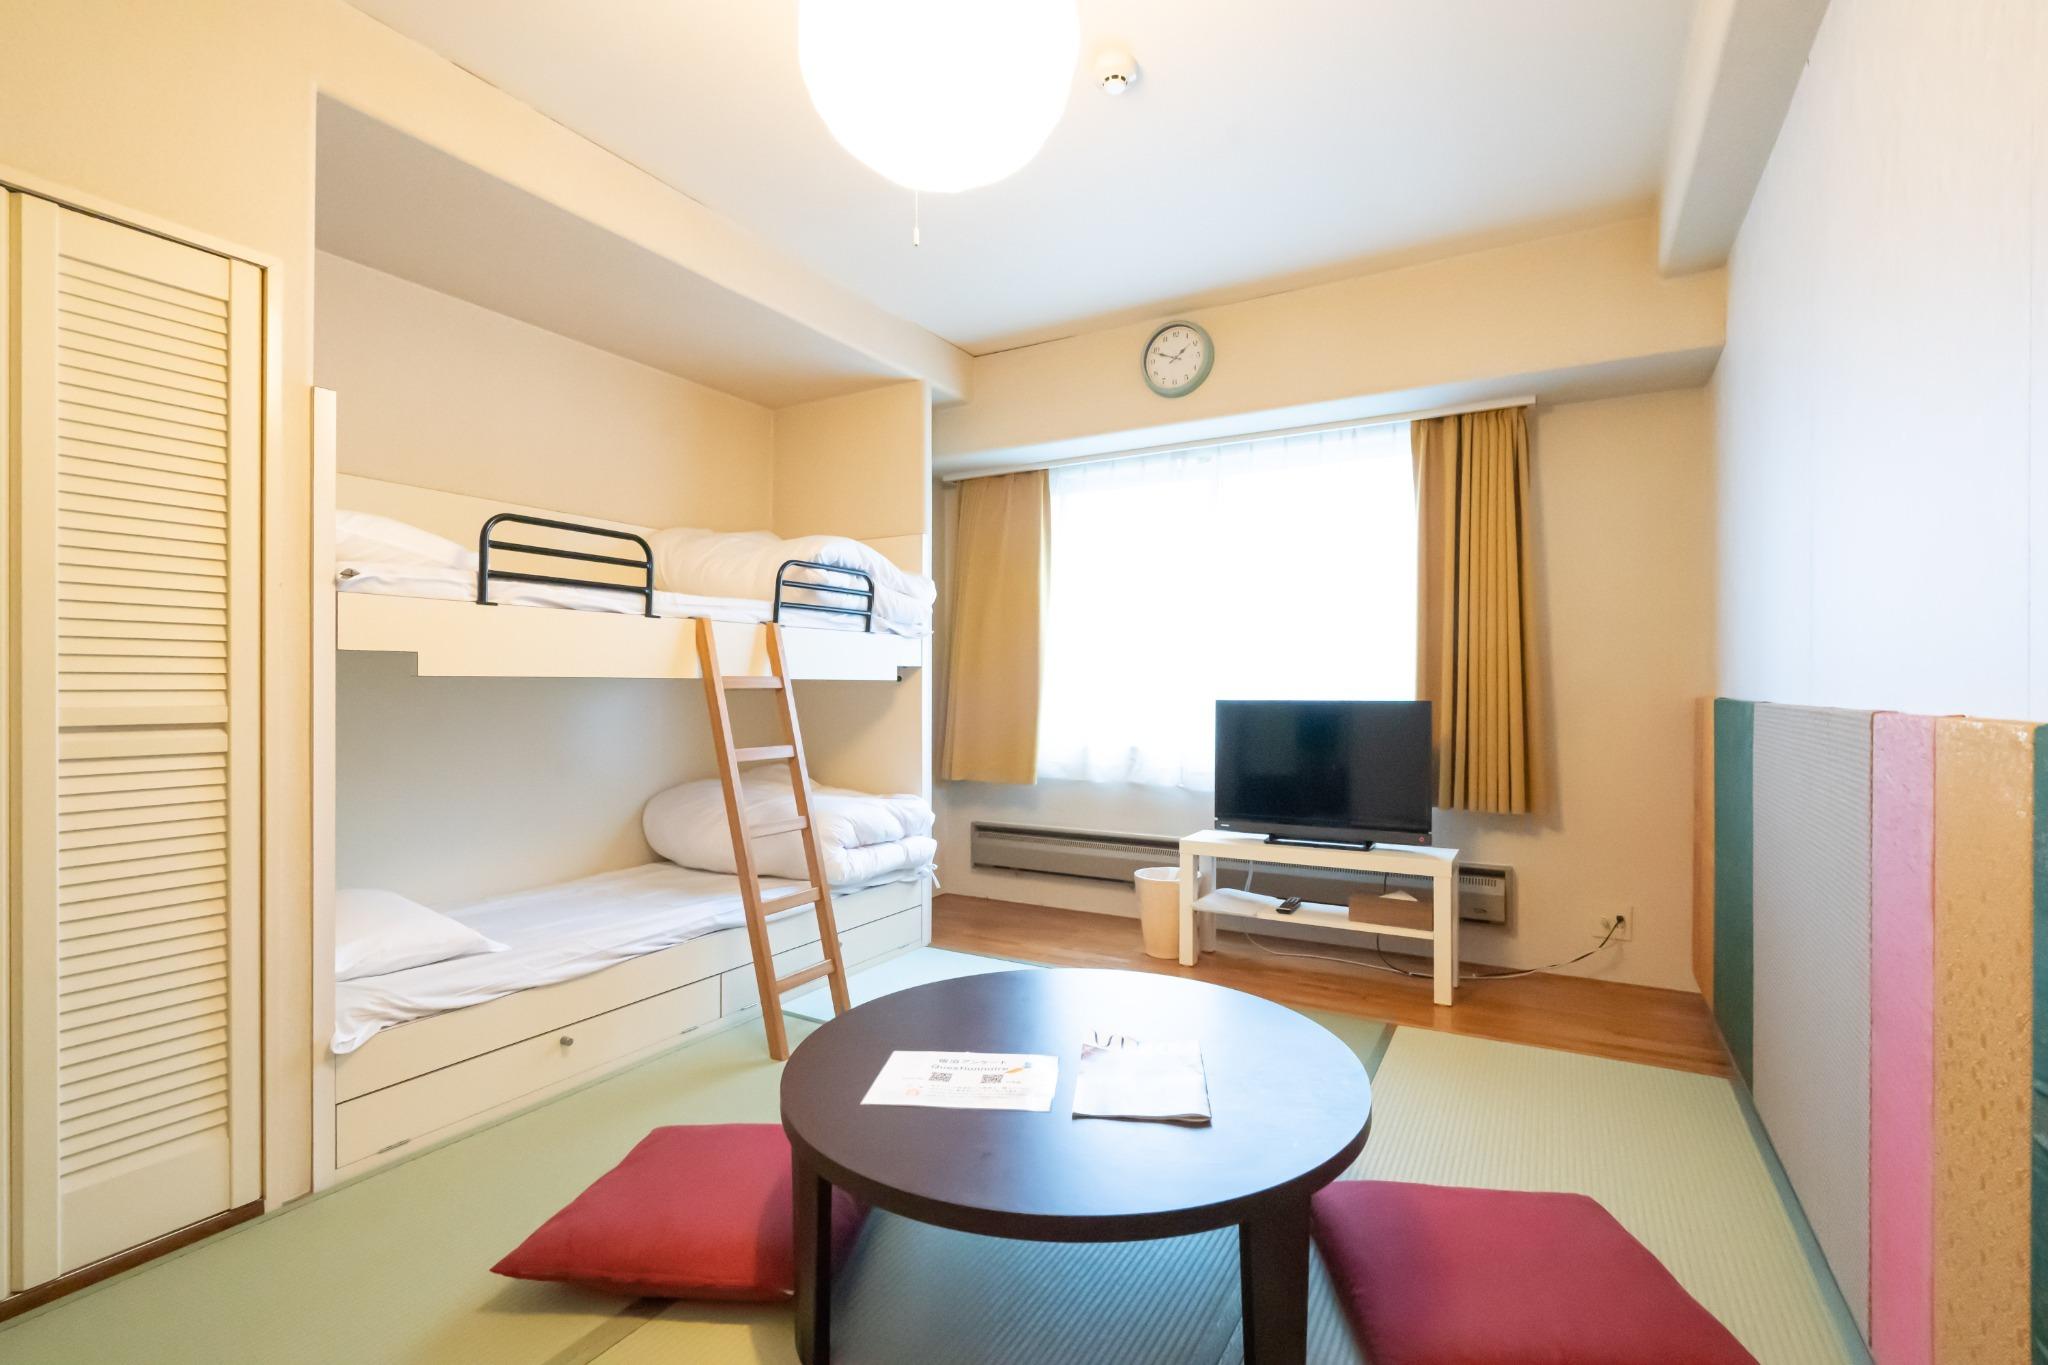 【値下げSALE中】温泉有・Wi-Fi完備・リゾートマンションでごゆっくり【407号室・5名】